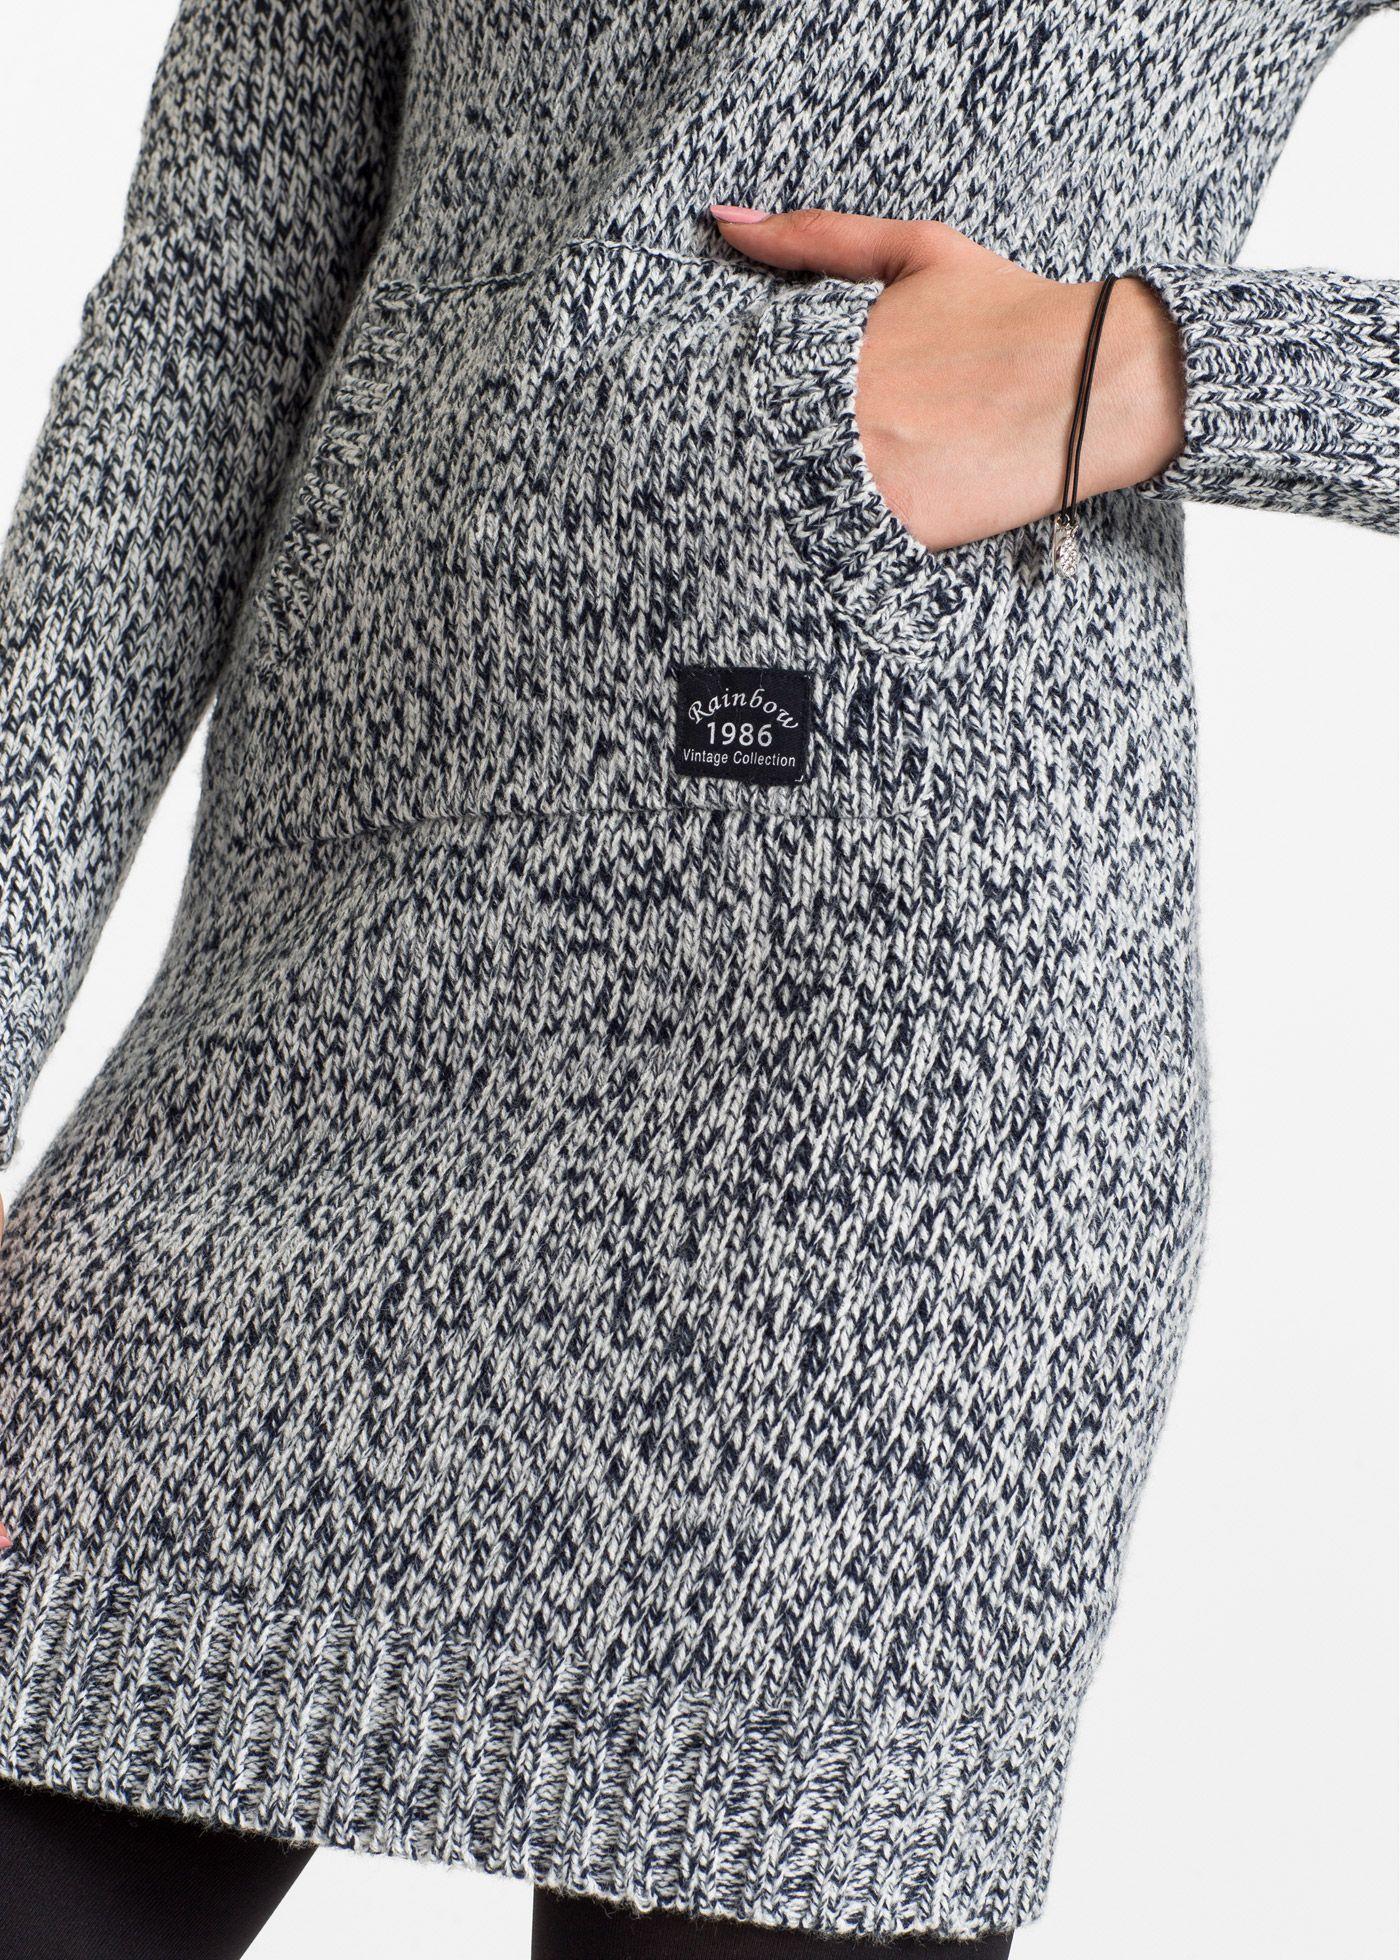 de803de59667 Pletené šaty s kapucí s podšívkou tmavě modro-přírodní bílý melír - koupit  online - bonprix.cz Ležérní vzhled se širokou kapucí